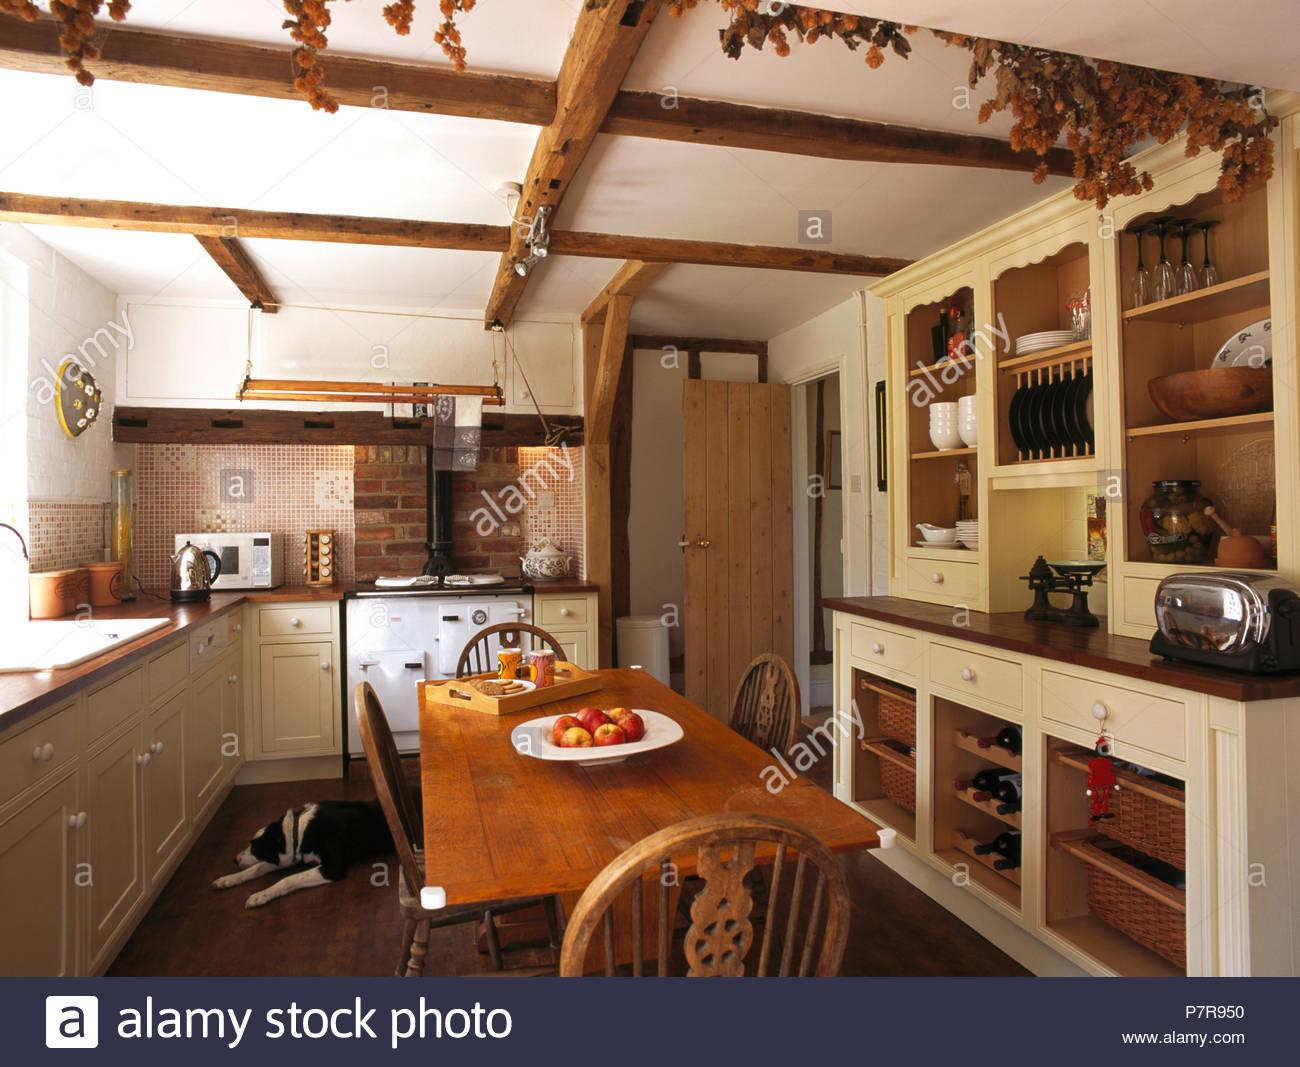 Full Size of Kommode Und Einfache Holz Tisch Im 90er Jahre Land Kche Lackiert Küche Ausstellungsstück Obi Einbauküche Billig Inselküche Hochglanz Modulare Wohnzimmer Kommode Küche